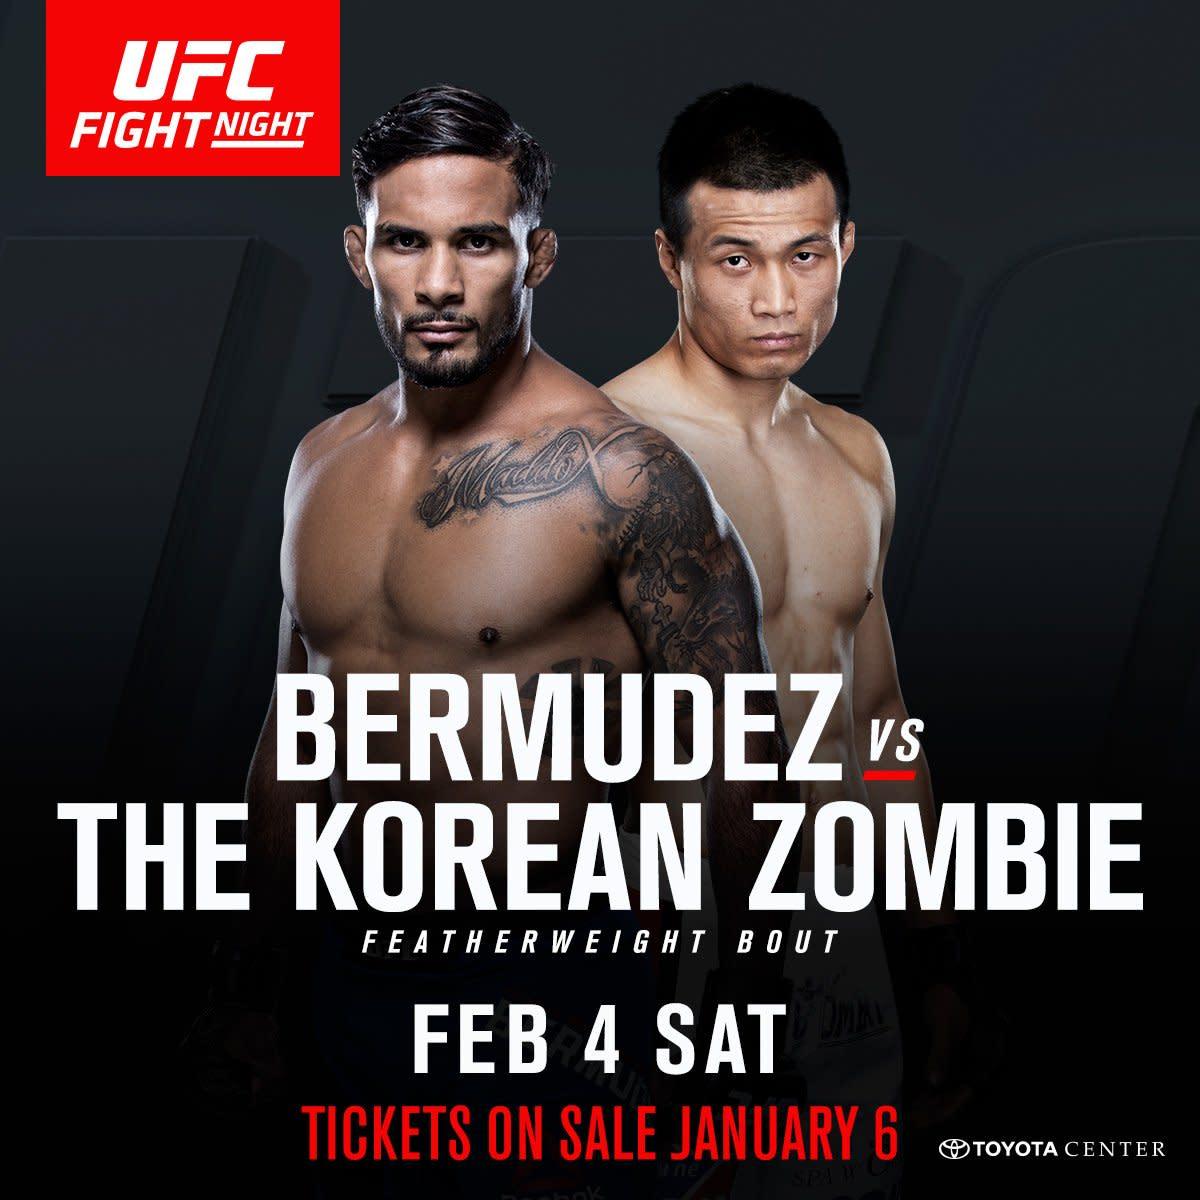 UFC Fight Night 104